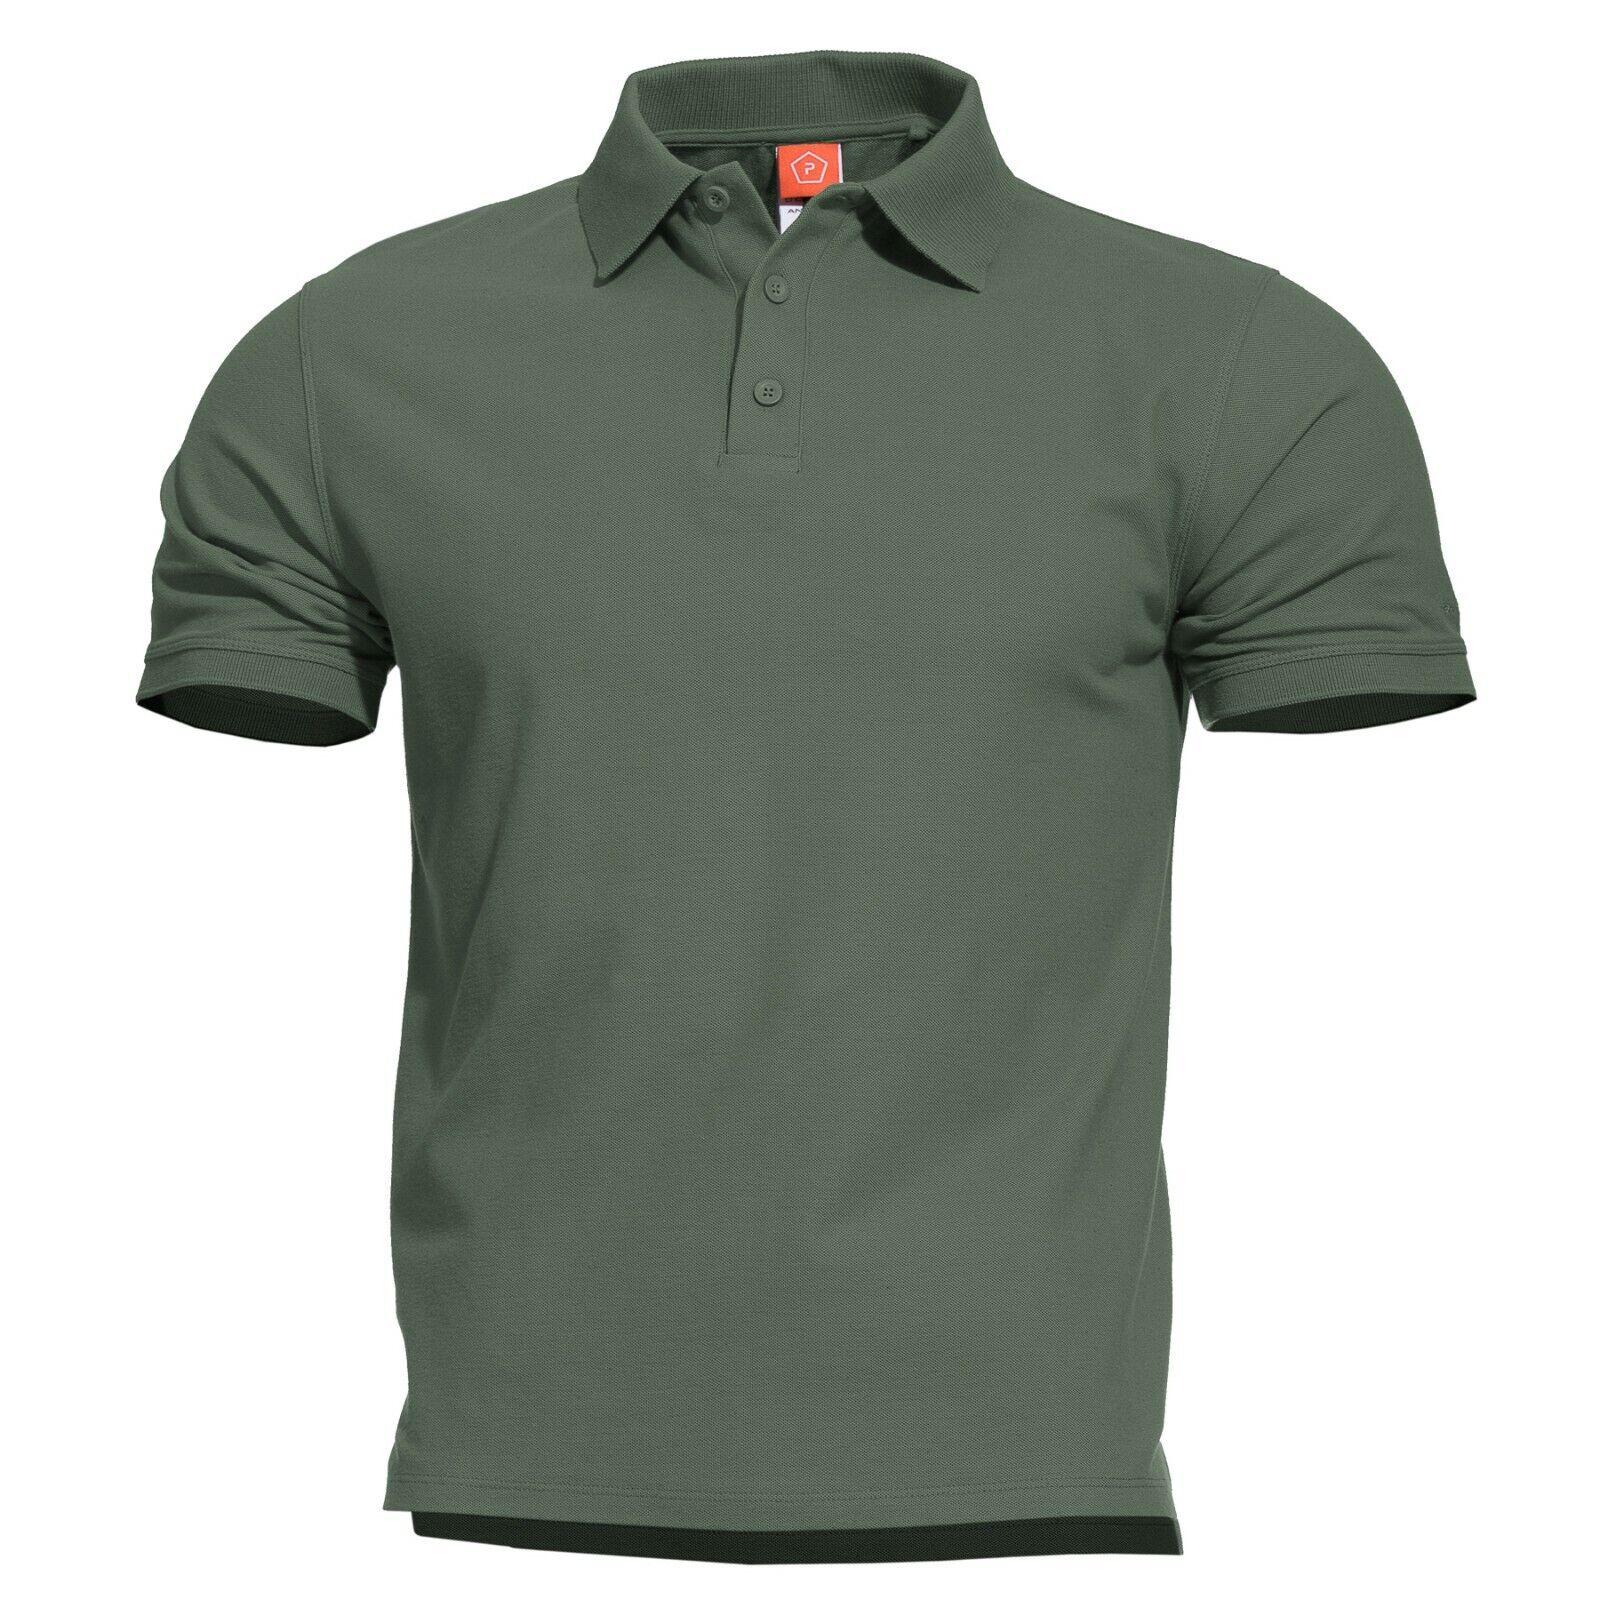 Pentagon Camisa Polo Hombre Militar Casual Aniketos verde Encima  Tallas  muchas sorpresas